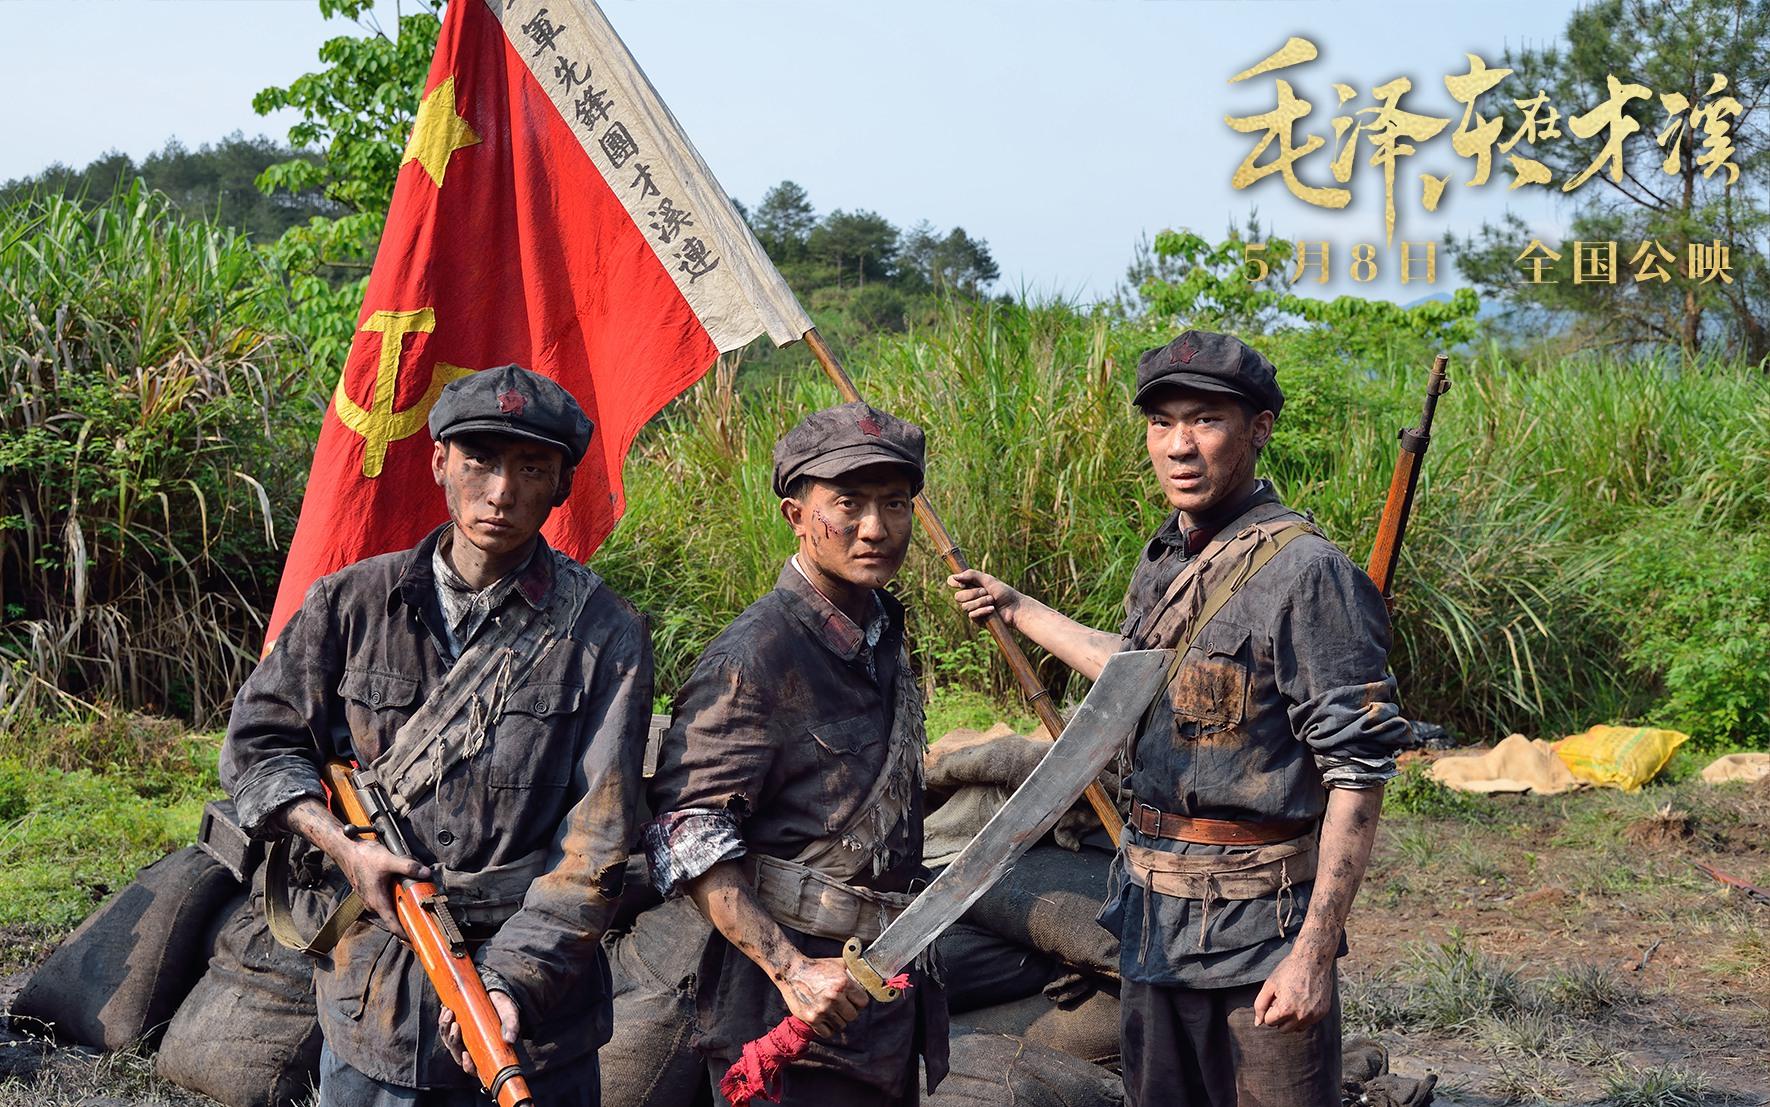 电影《毛泽东在才溪》发布终极海报预告 (7).jpg